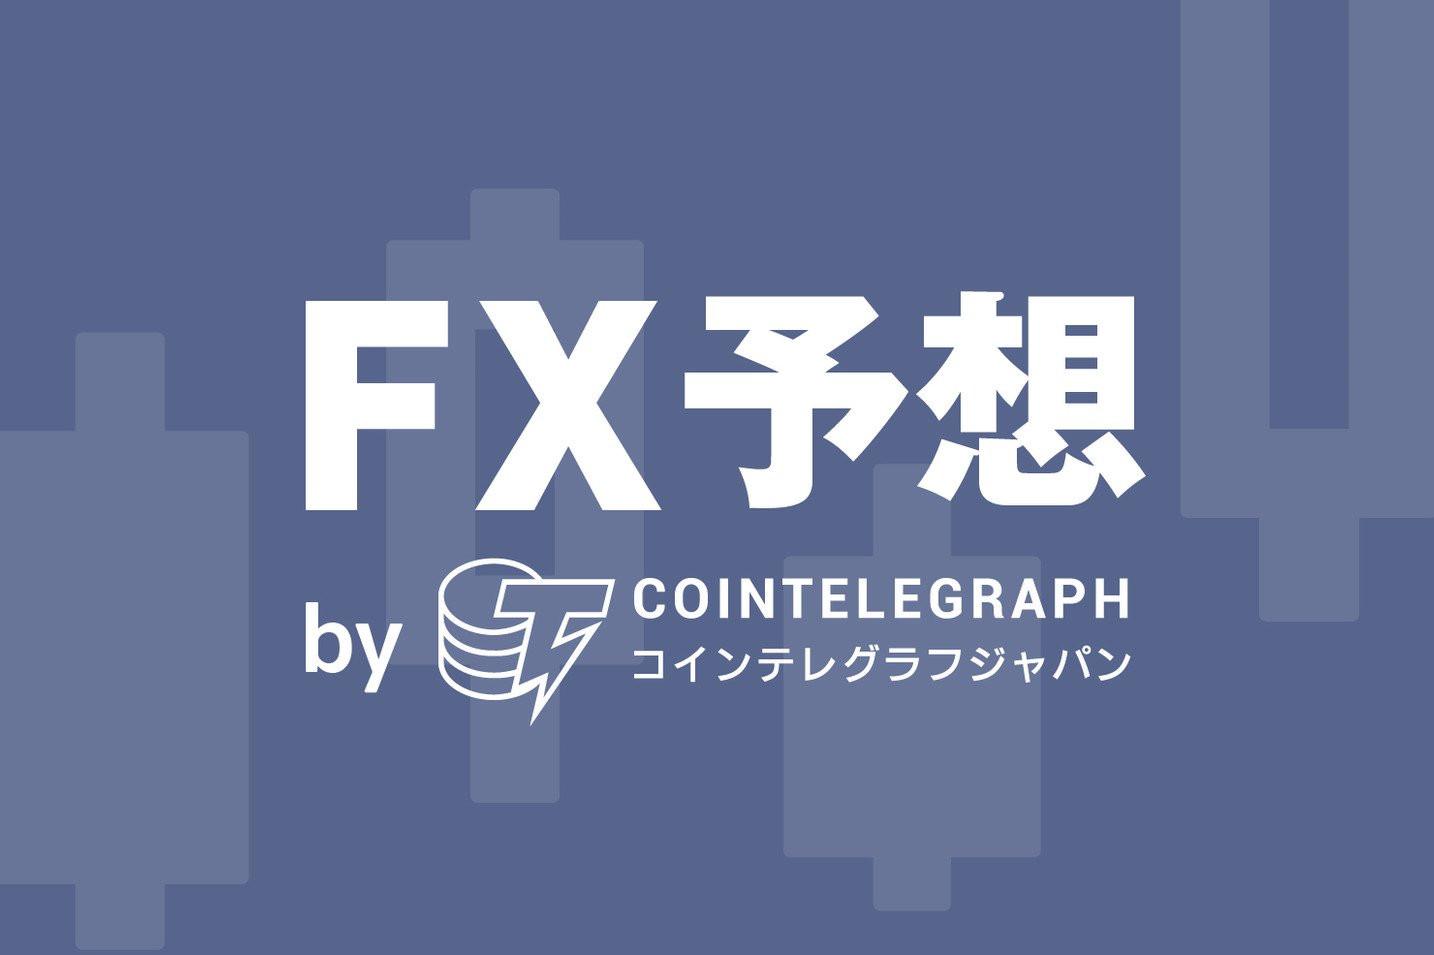 【ポンド円FX予想】日米の金融緩和でもポンド円の上値は重い